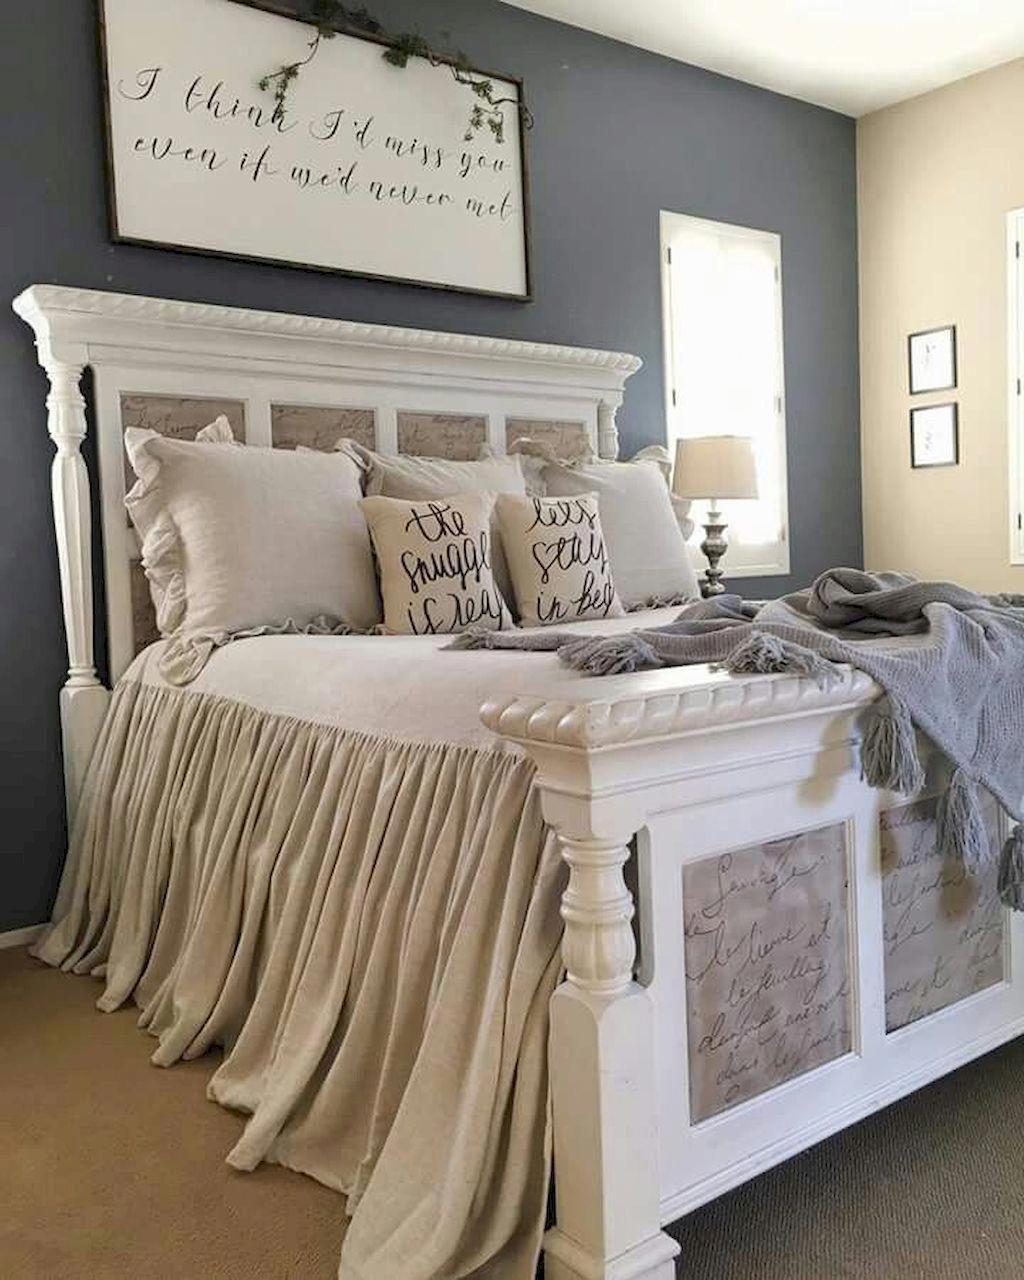 Bedroom Bed Design Affordable House Decor Bedroom Decoration Images 20190426 Rustic Master Bedroom Rustic Farmhouse Bedroom Modern Farmhouse Bedroom